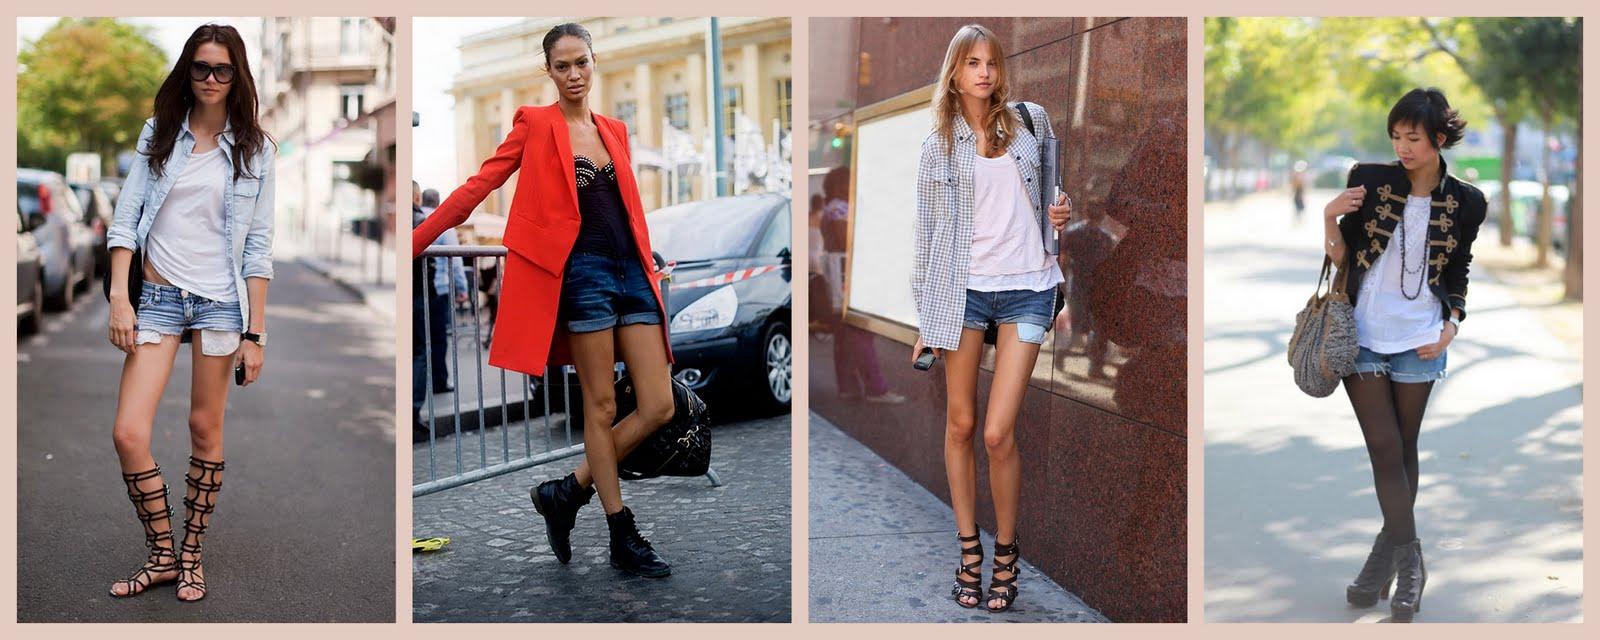 Moduri în care poți purta o pereche de pantaloni scurți – Idei care te vor încânta!